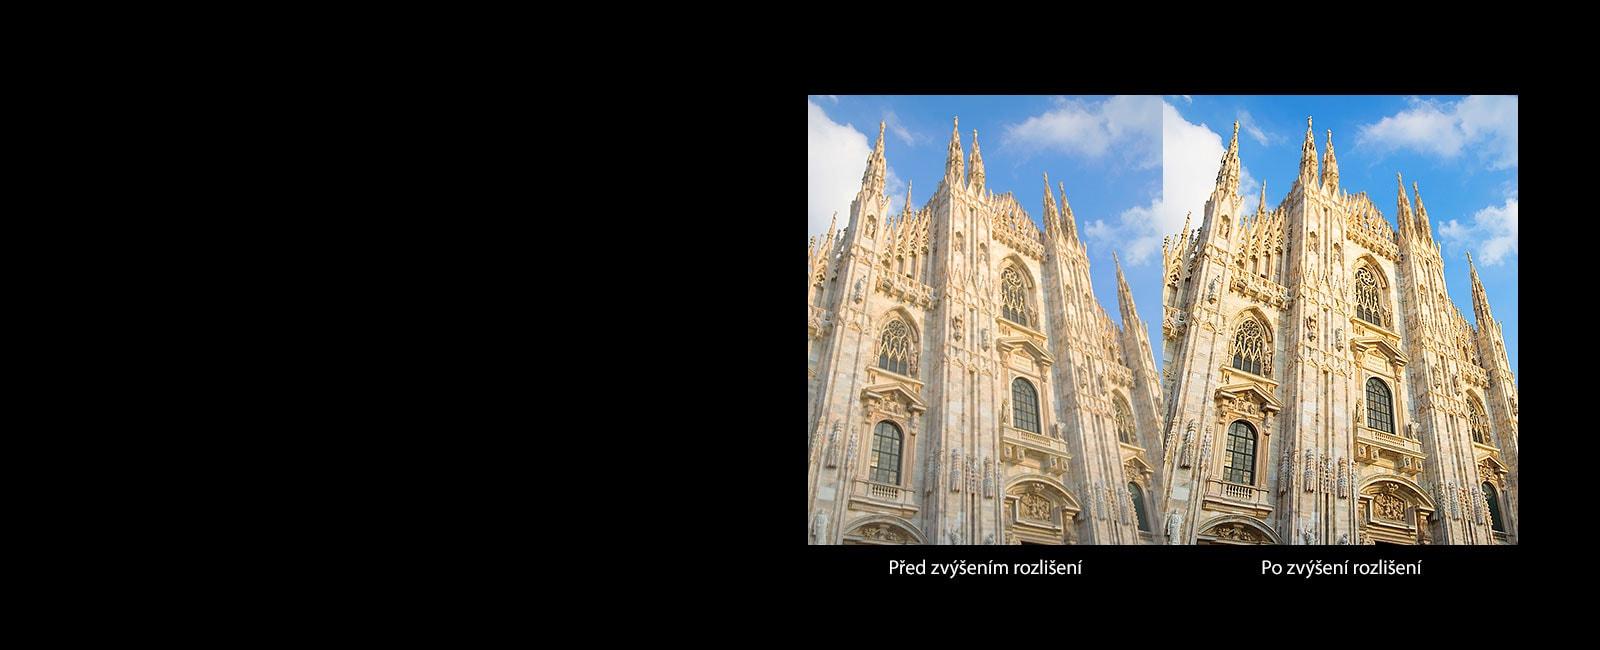 Srovnání obrázku katolického kostela před zvýšením rozlišení apo něm